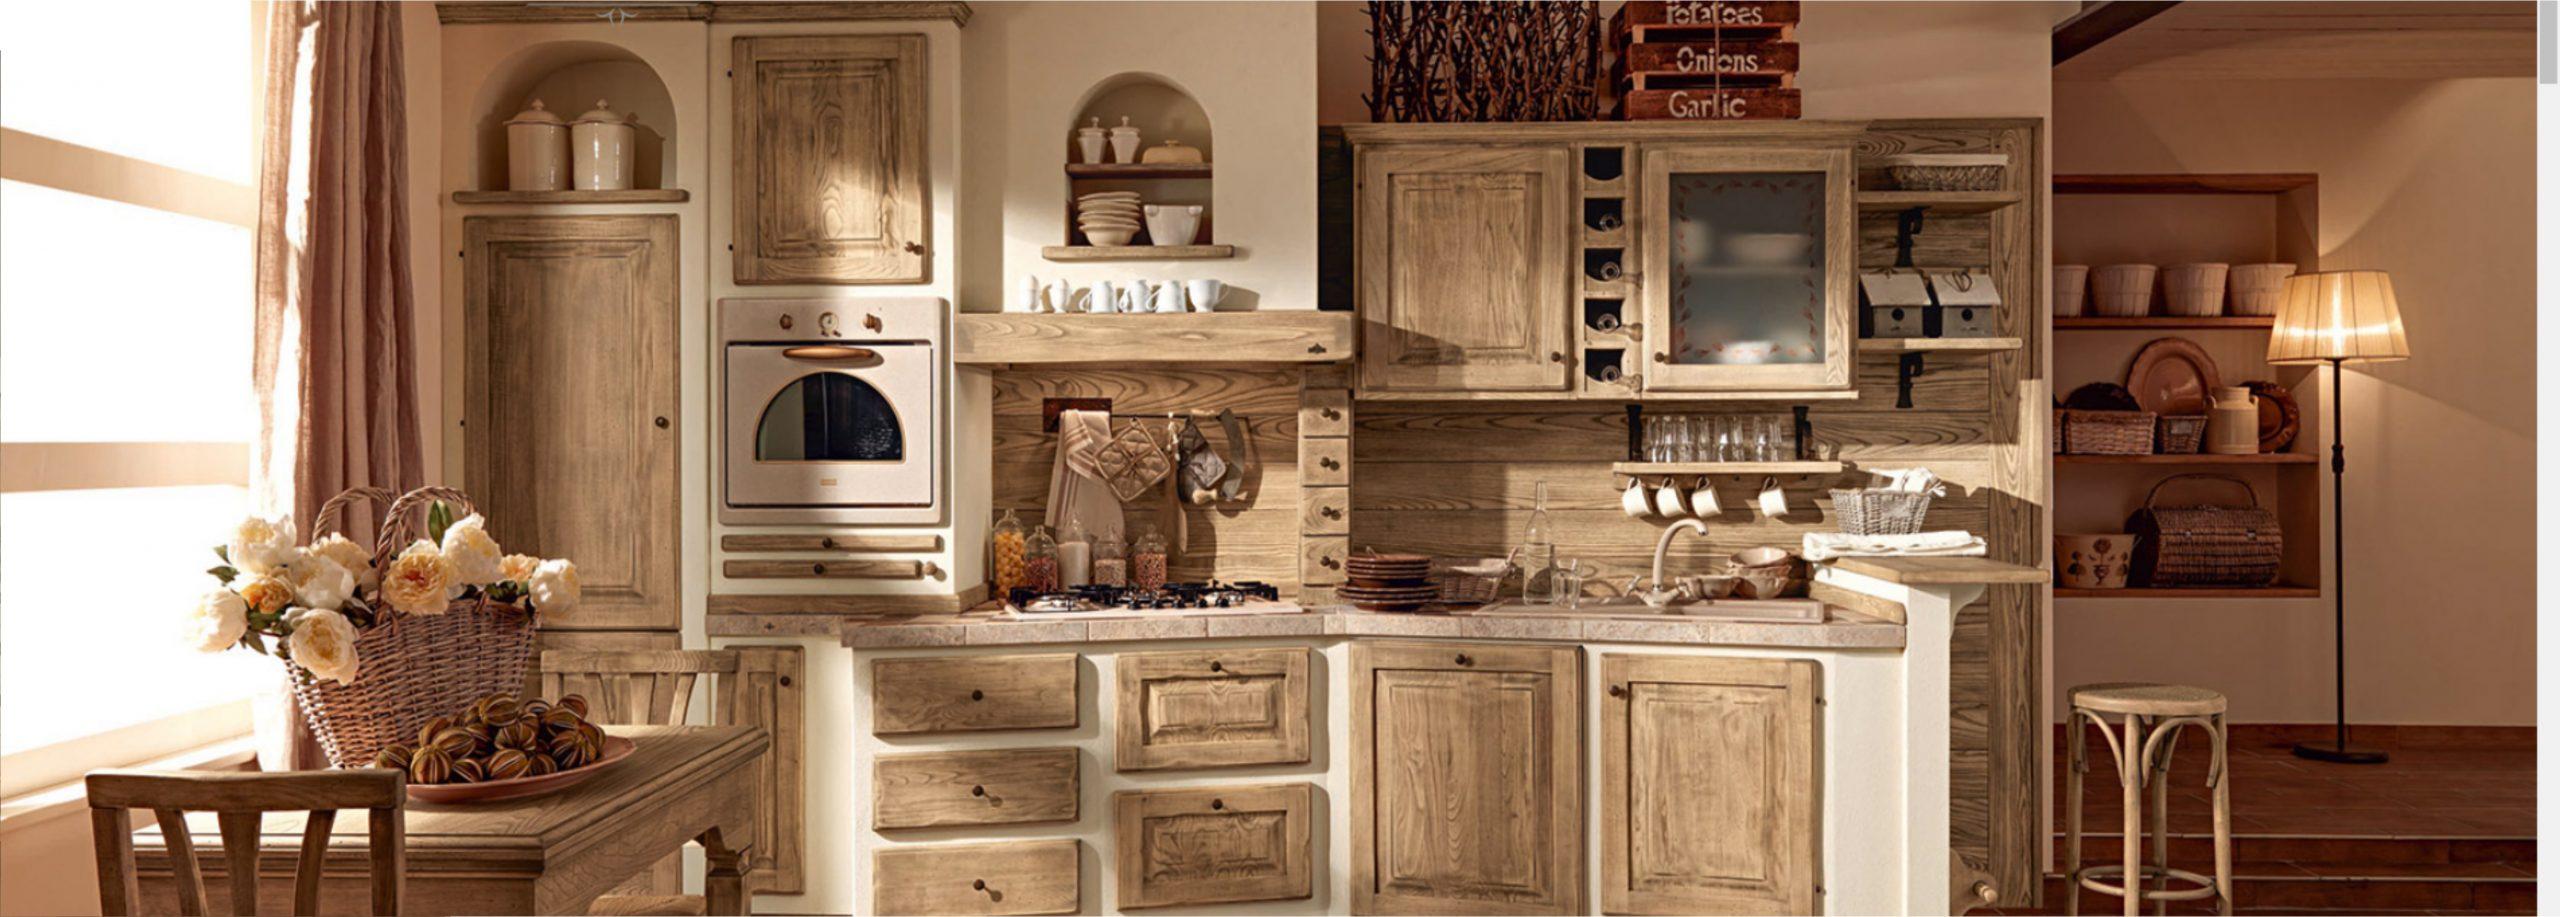 Zappalorto Cucine in muratura